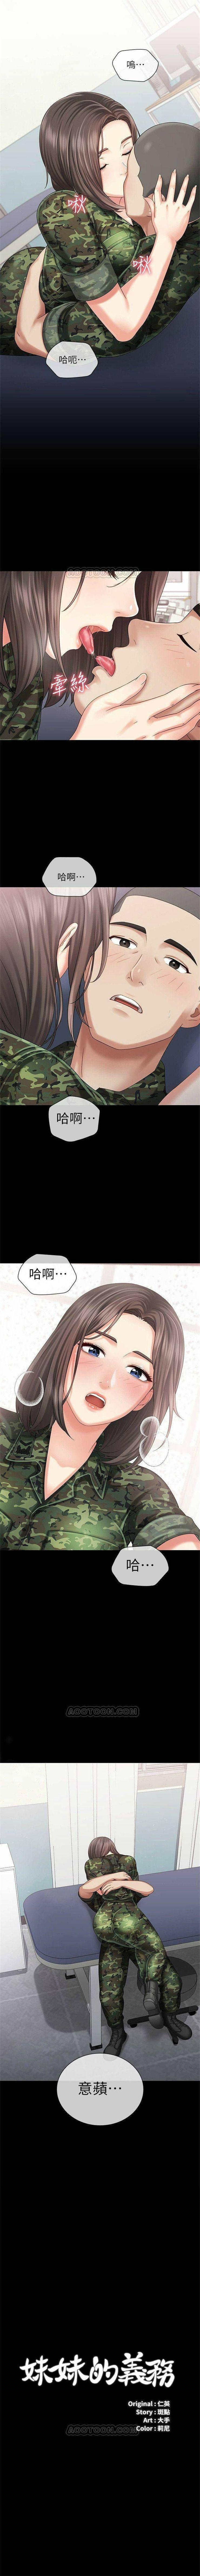 (週6)妹妹的義務 1-19 中文翻譯(更新中) 111